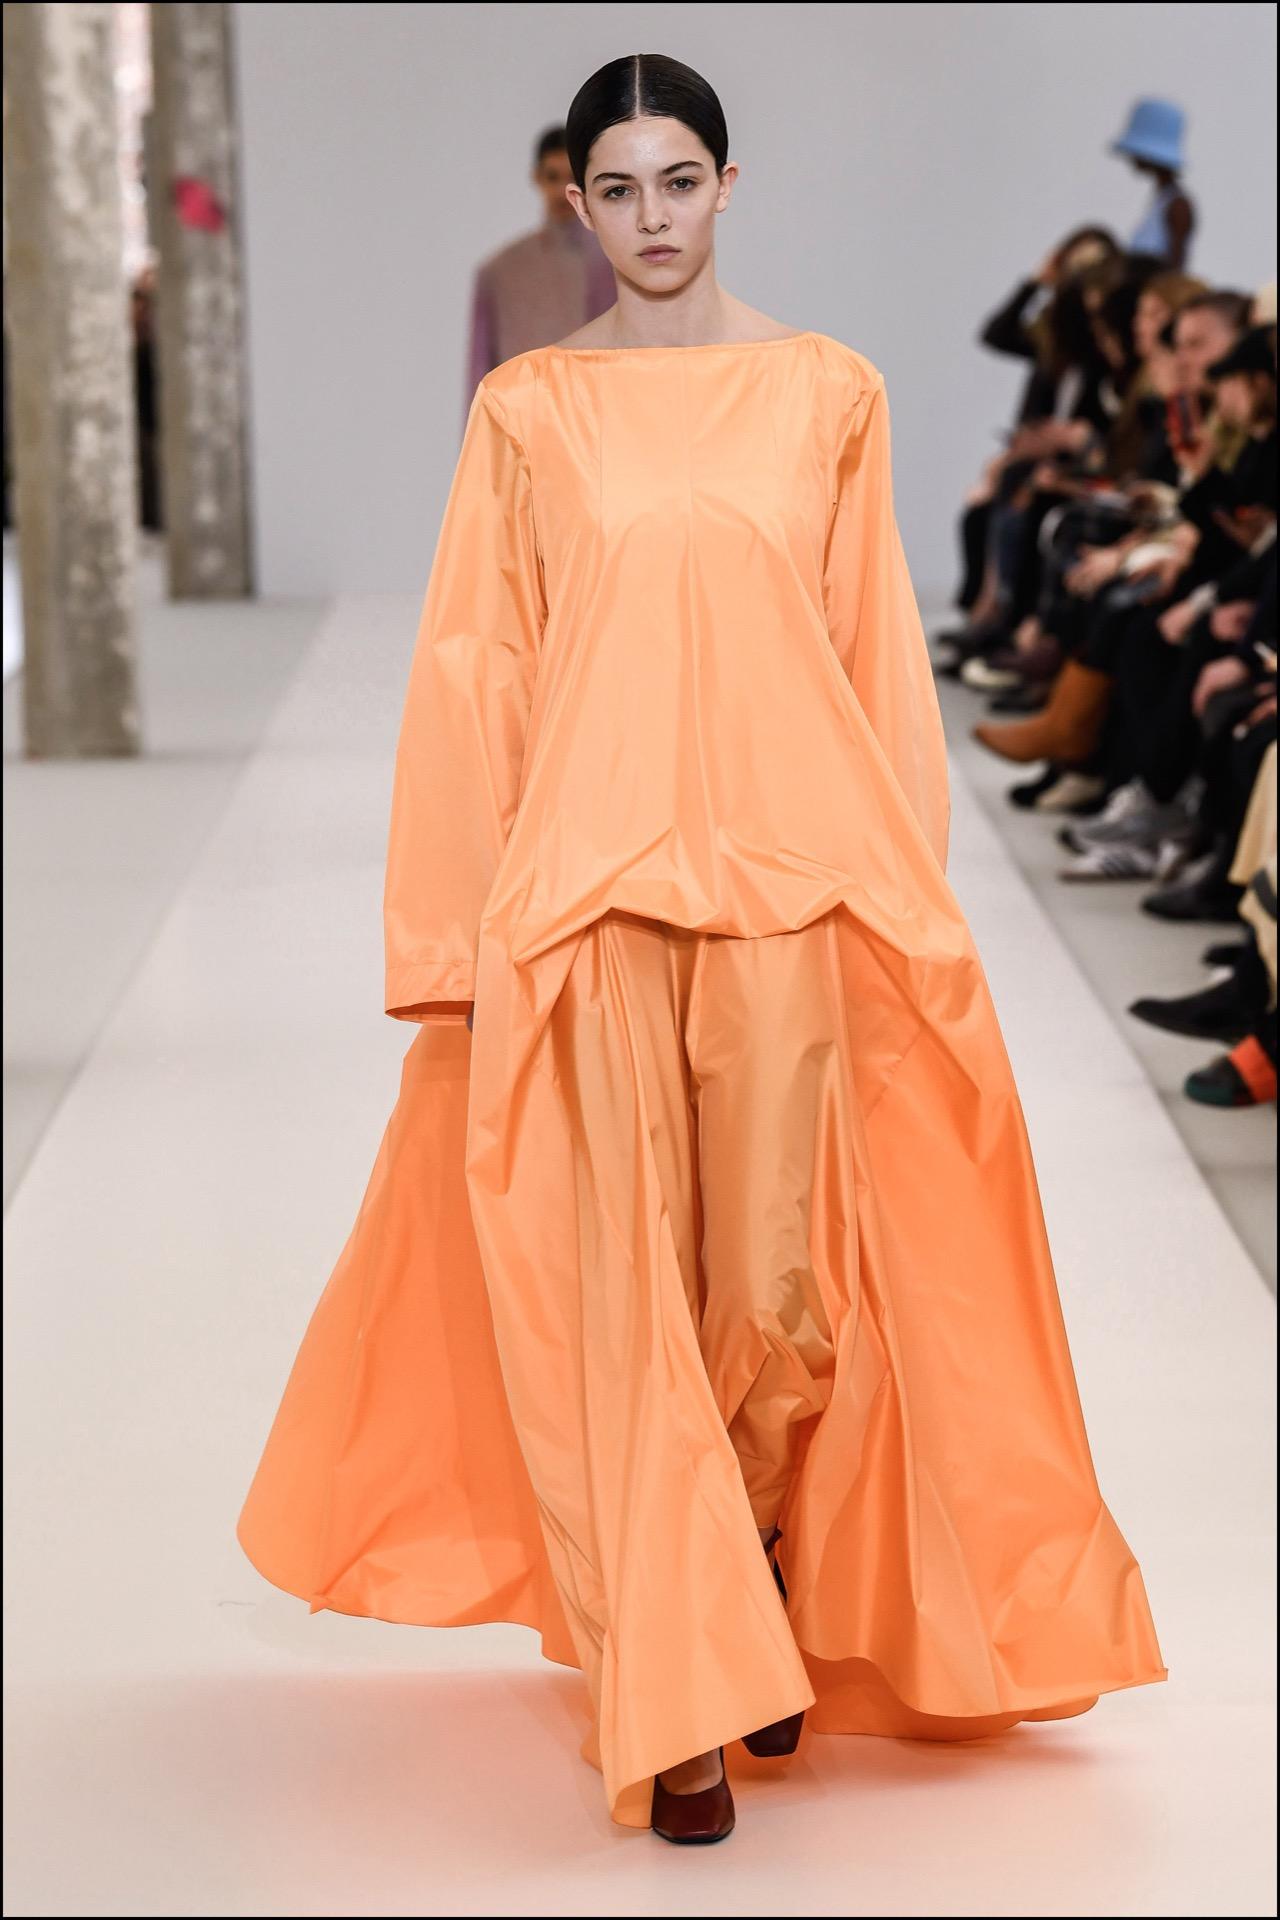 Vestido estilo paracaídas, una de las prendas más jugadas de Nina Ricci.